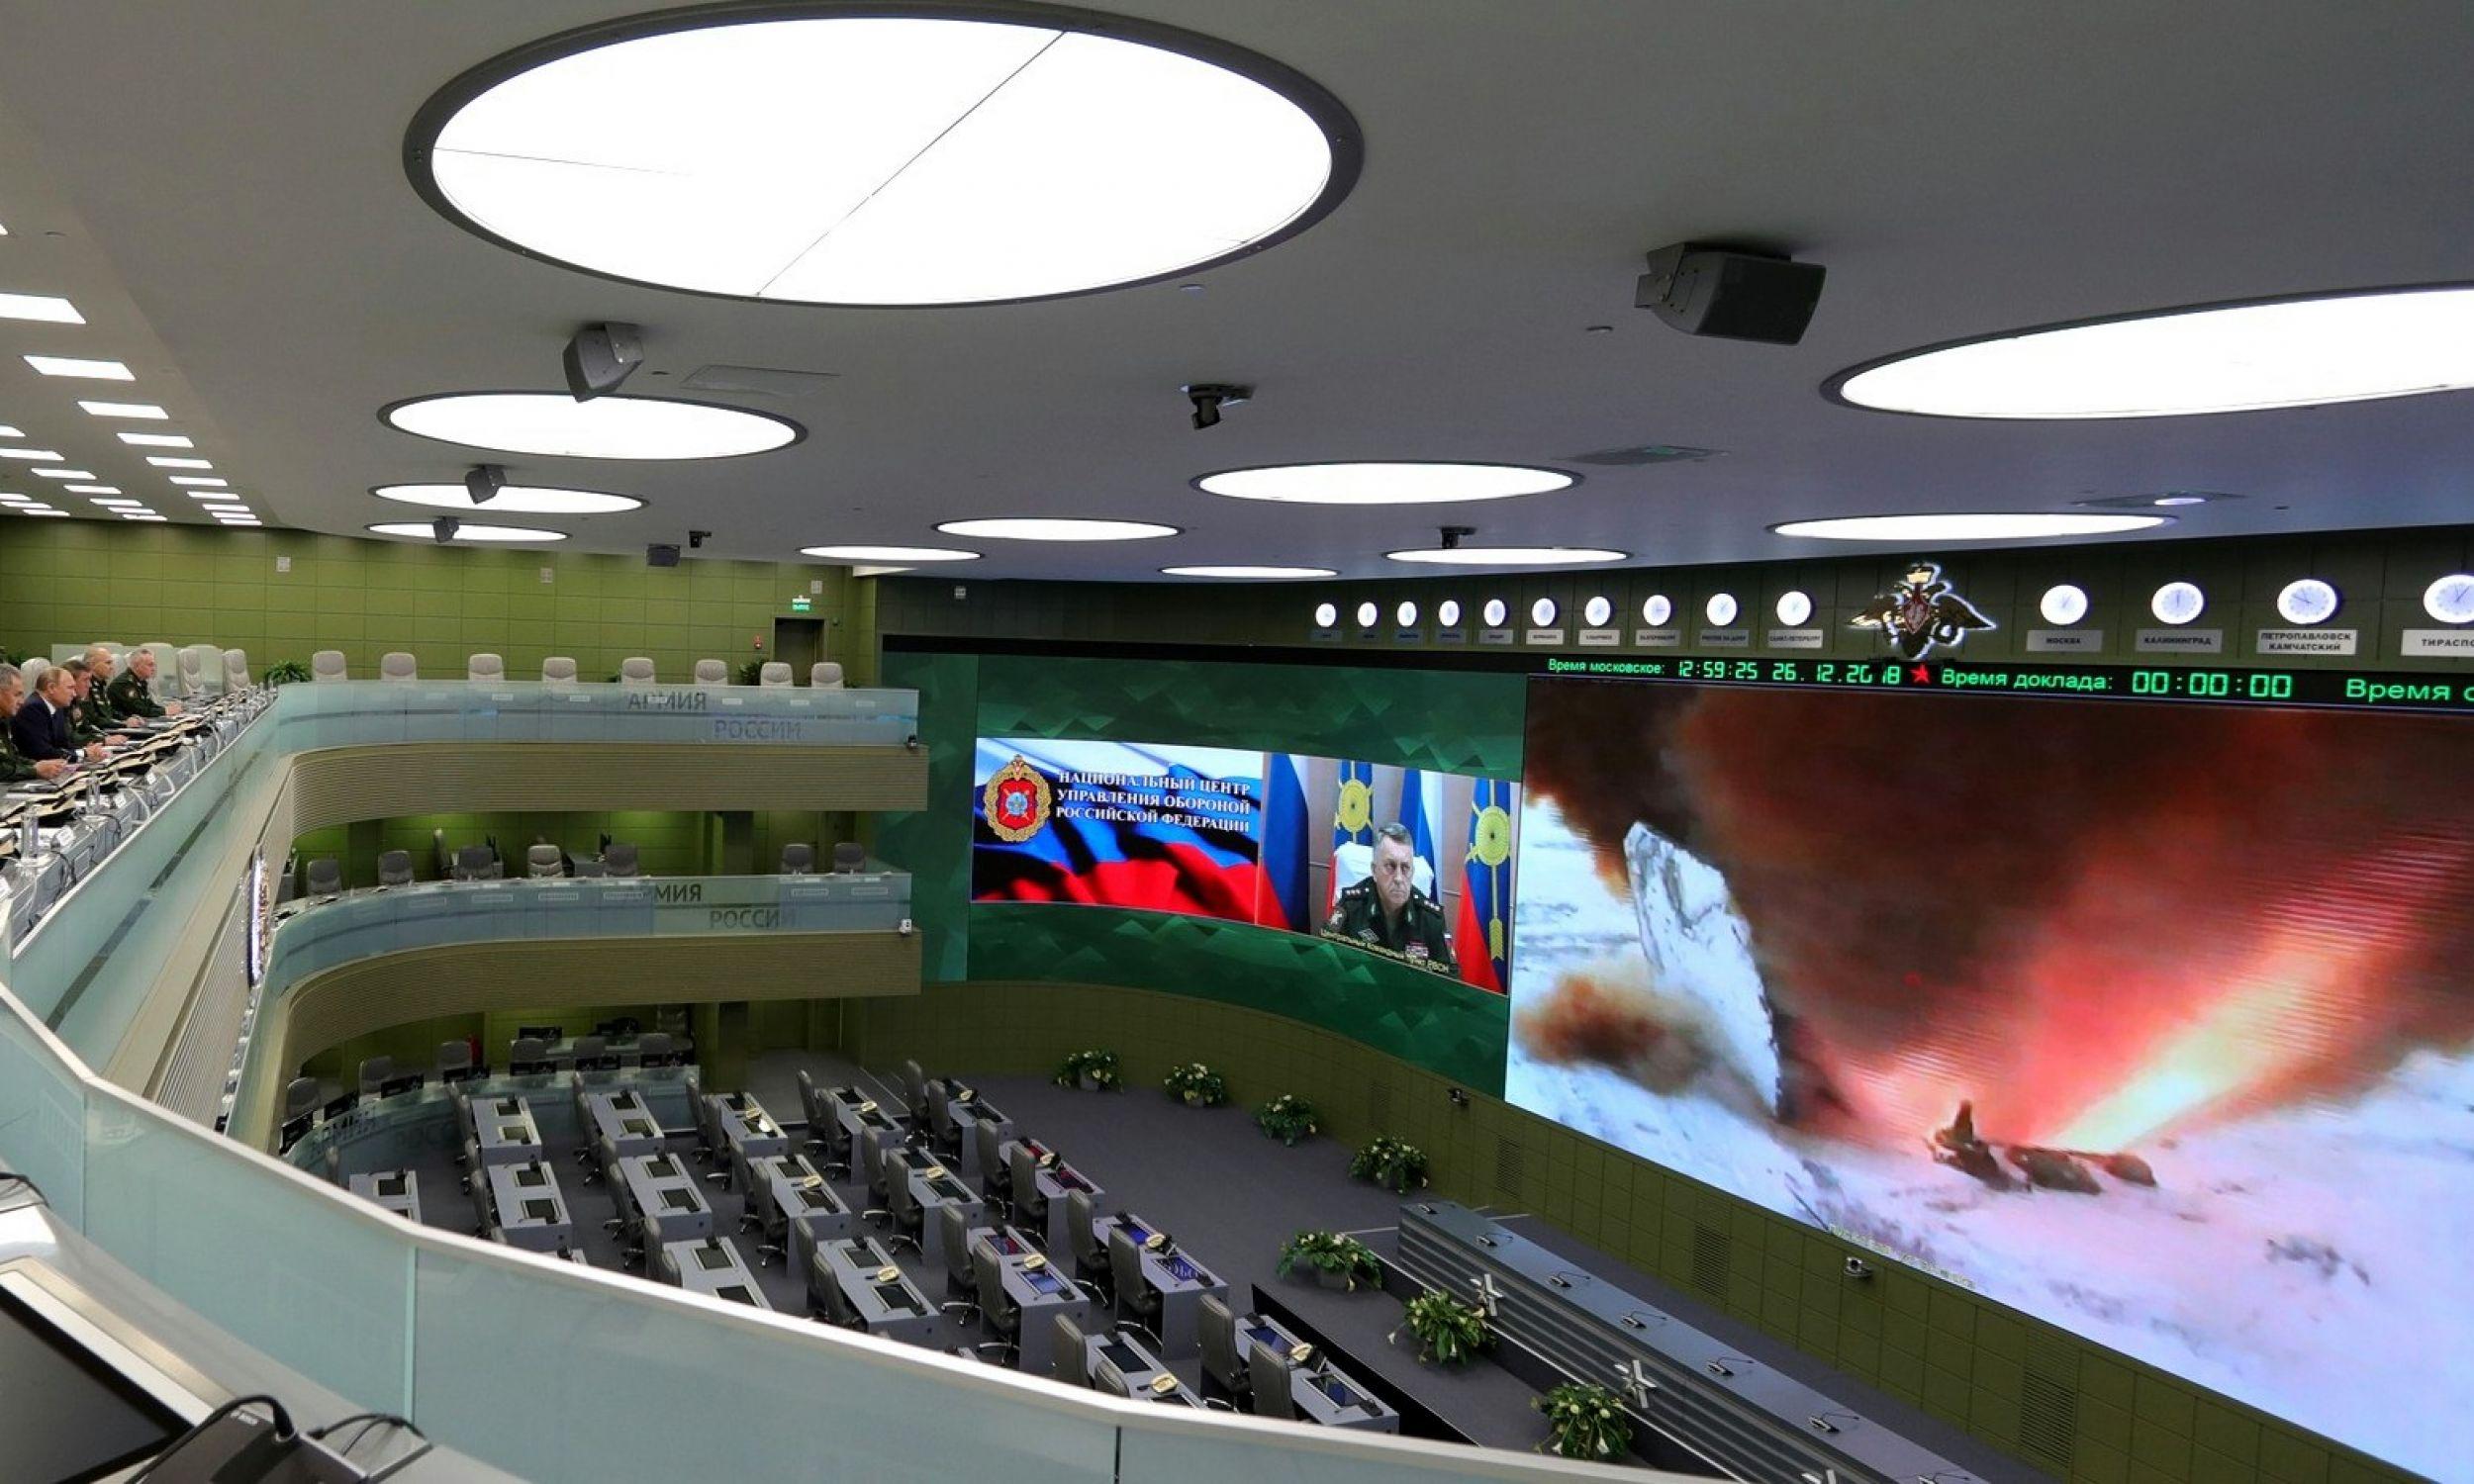 Prezydent Rosji Władimir Putin obserwował wystrzelenie rosyjskiego systemu rakiet Awangard za pośrednictwem łącza wideo z rosyjskiego Narodowego Centrum Zarządzania Obroną, 26 grudnia 2018 r. Moskwa. Fot. Michaił Klimentjew / Biuro prasowe i informacyjne Prezydenta Rosji / TASS via Getty Images